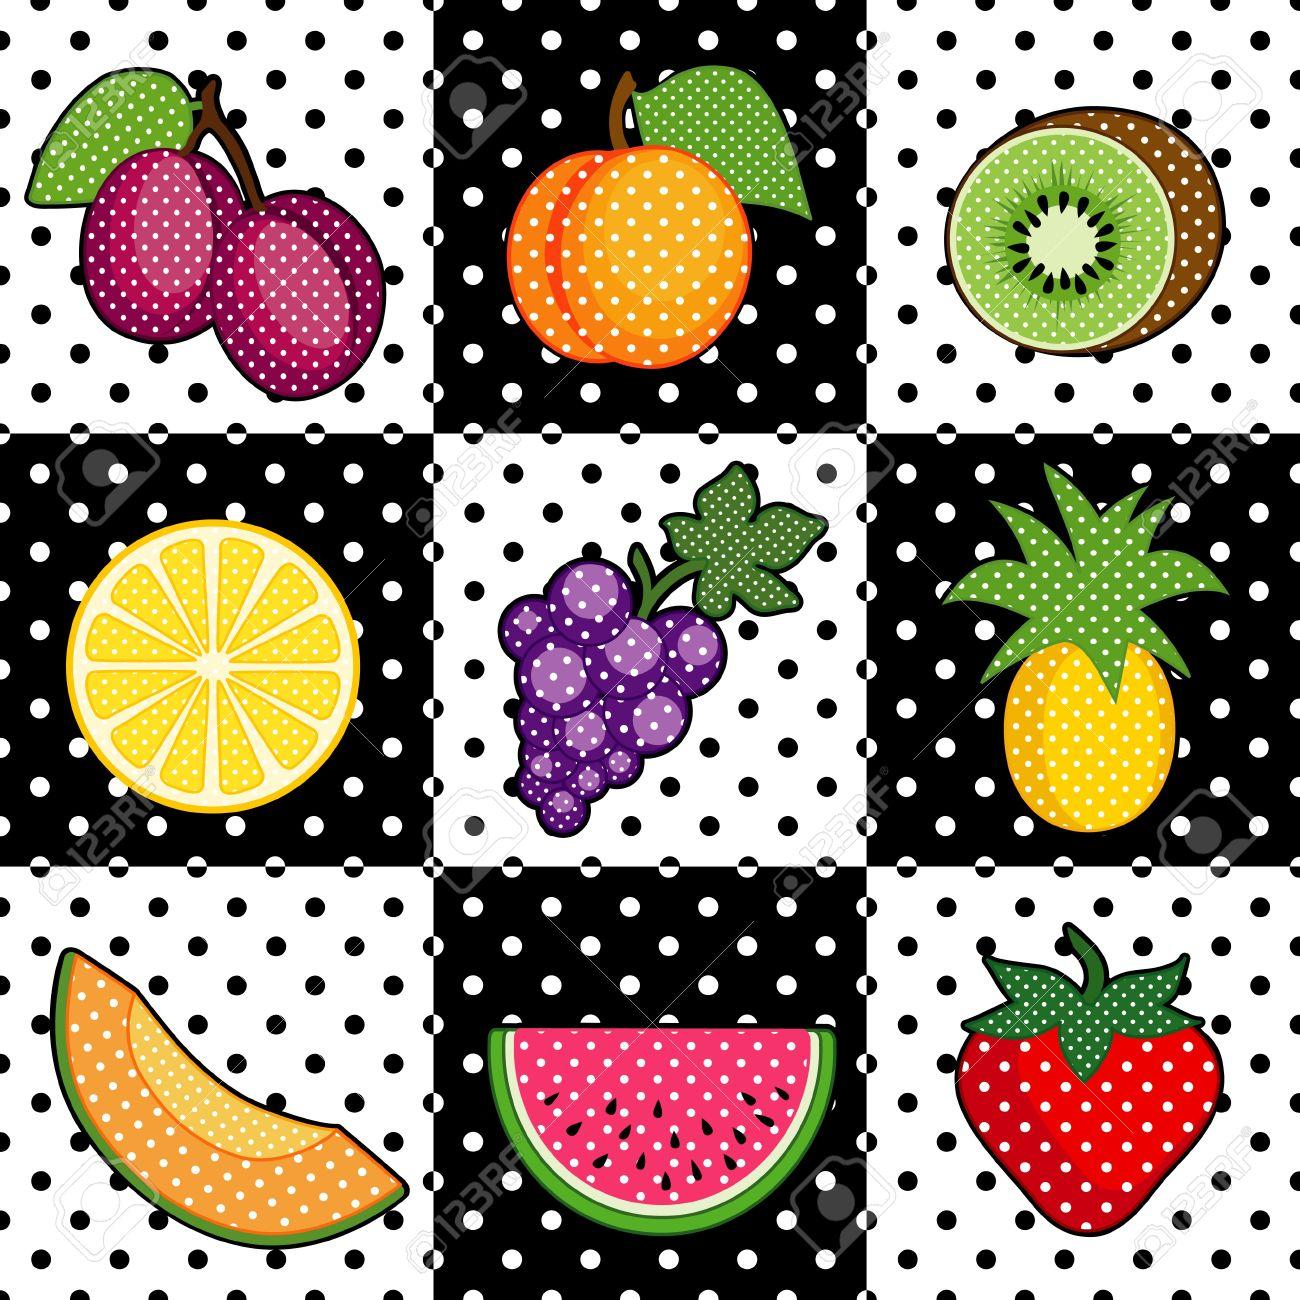 Kitchen Tiles Fruit Design kitchen tiles stock photos & pictures. royalty free kitchen tiles